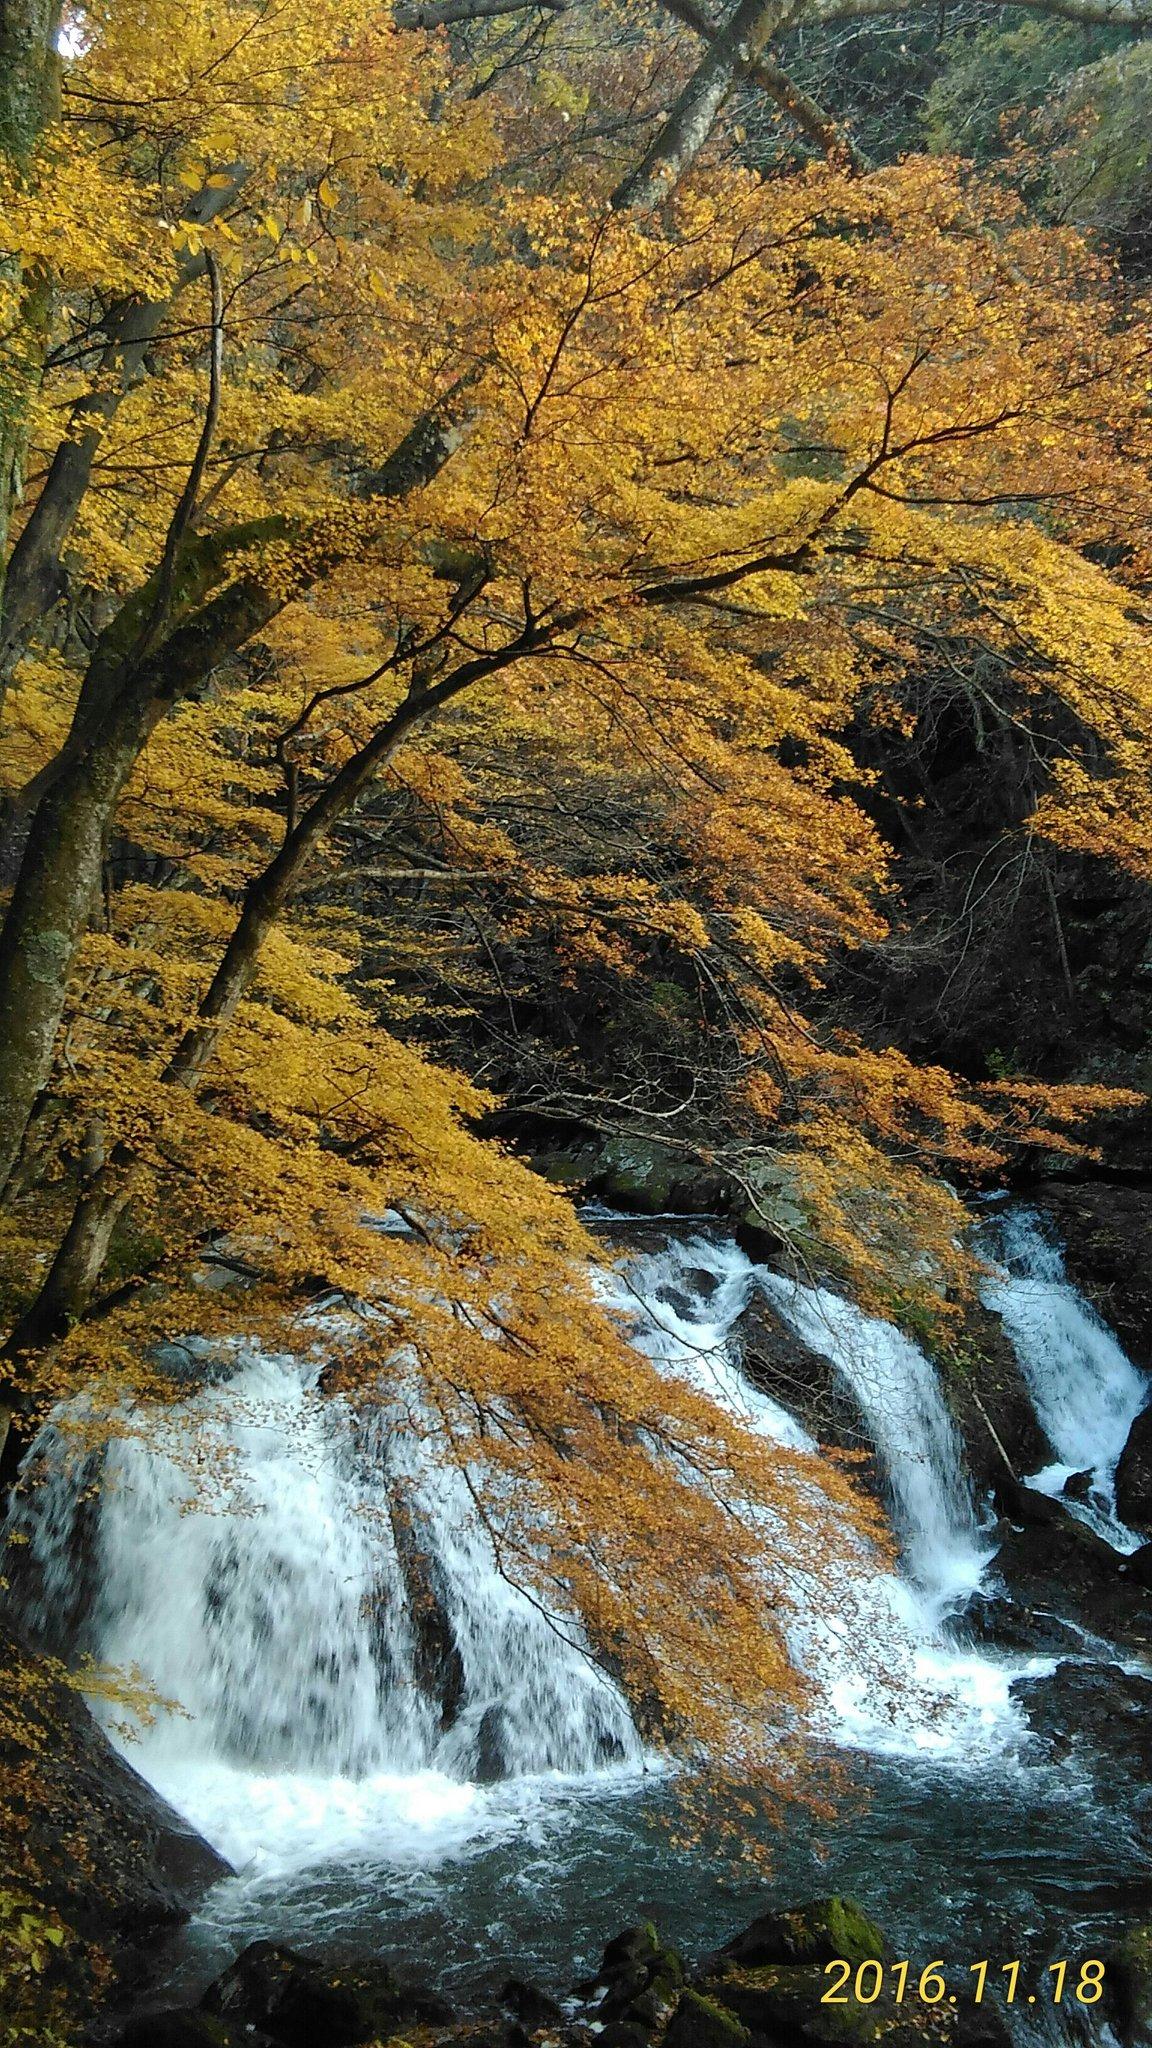 江竜田の滝の紅葉(2016/11/18)